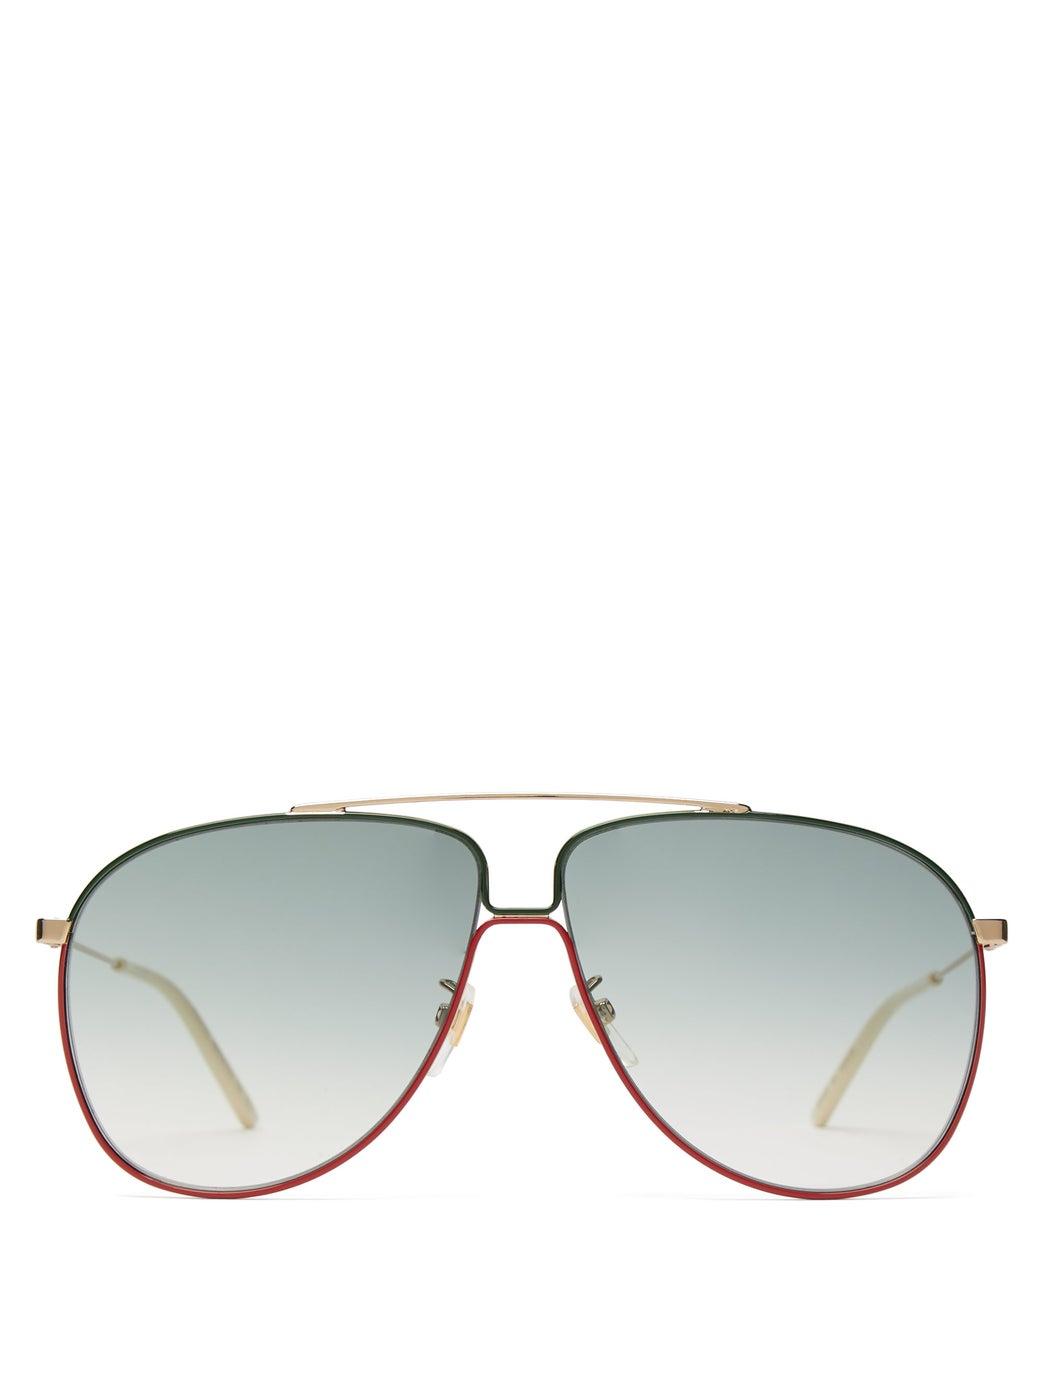 نظارات شمسية للرجل